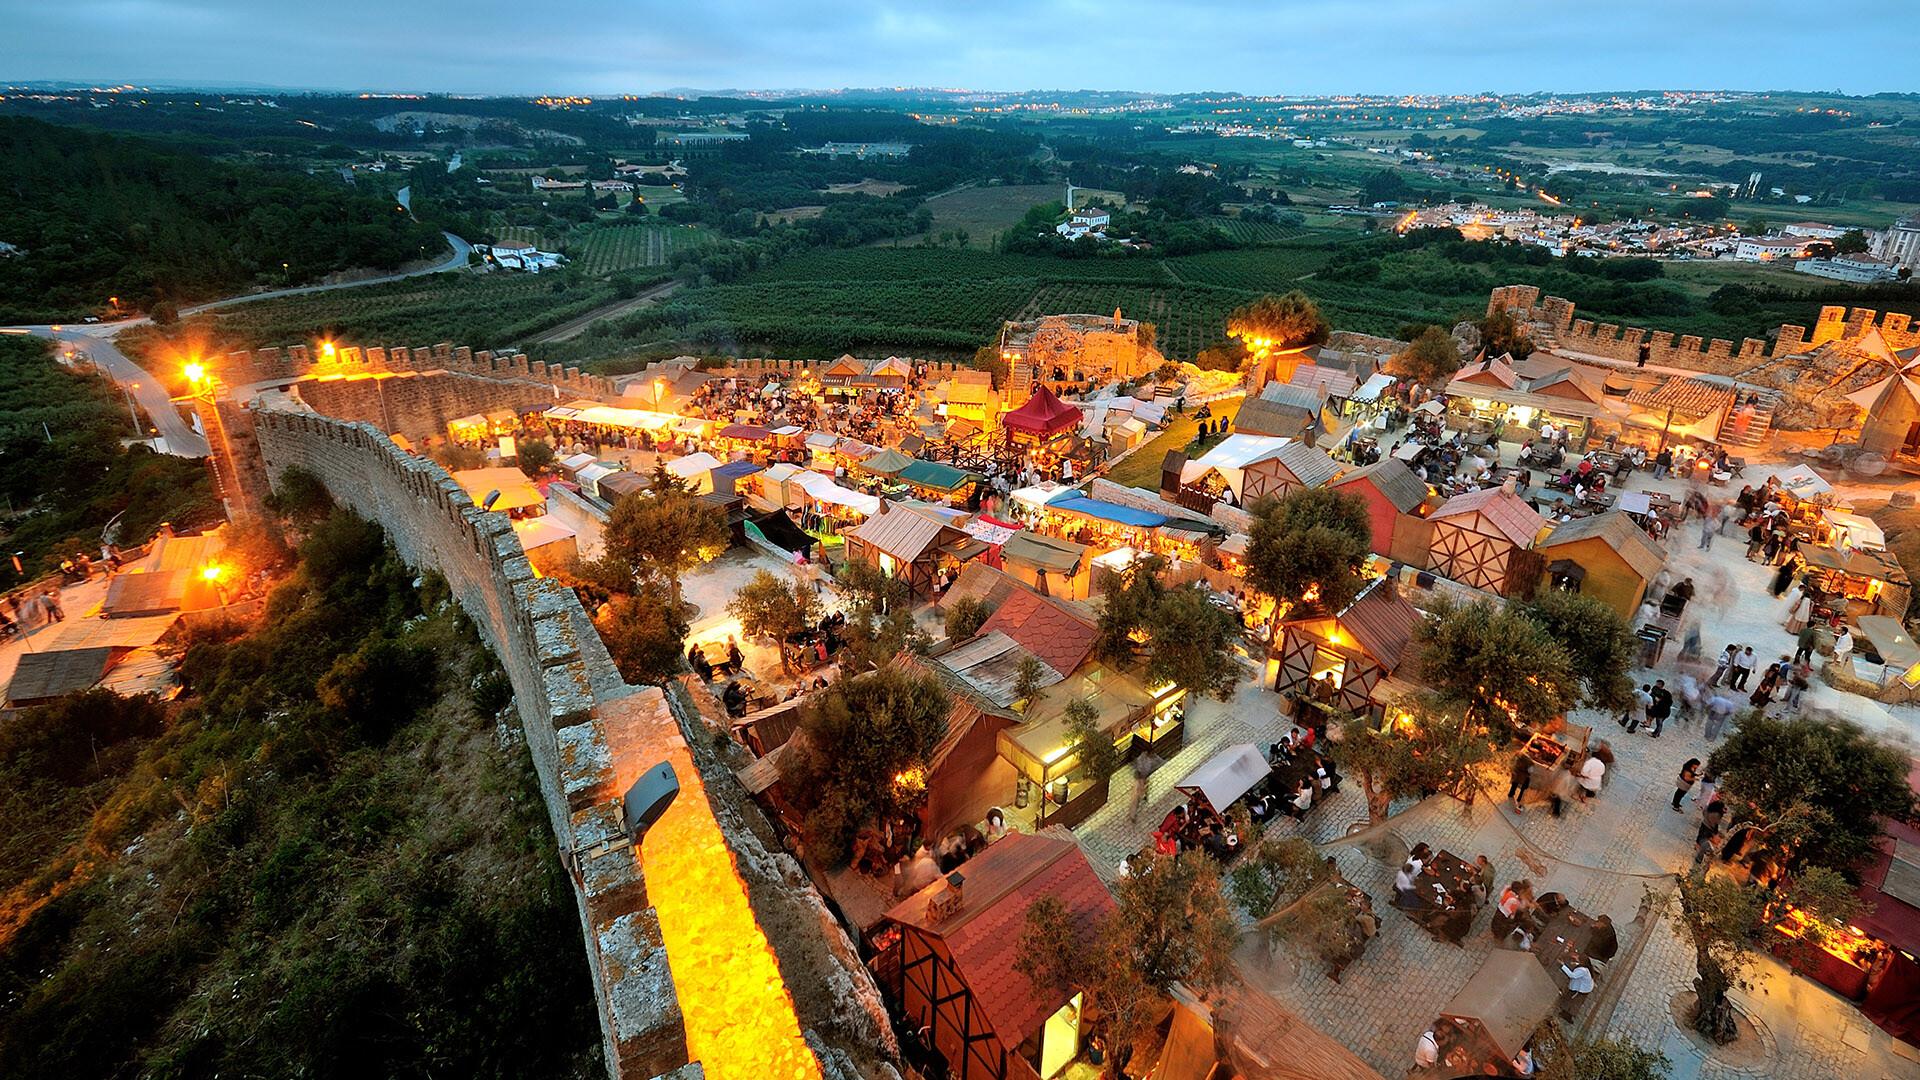 bidos-as-melhores-escapadinhas-de-fim-de-semana-em-portugal